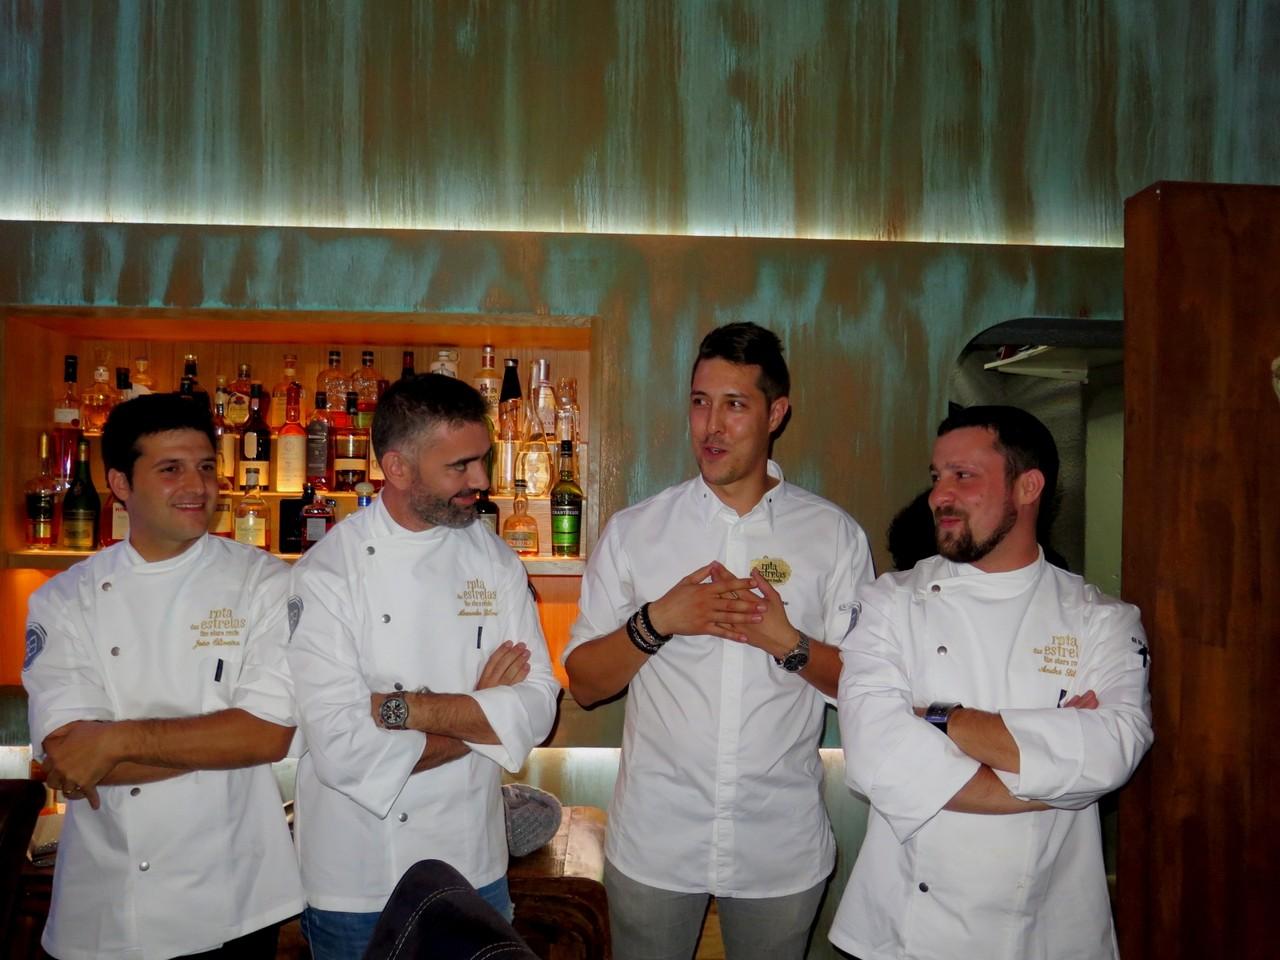 No final do dia 1, na sala: João Oliveira, Alexandre Silva, Rui Silvestre, André Silva